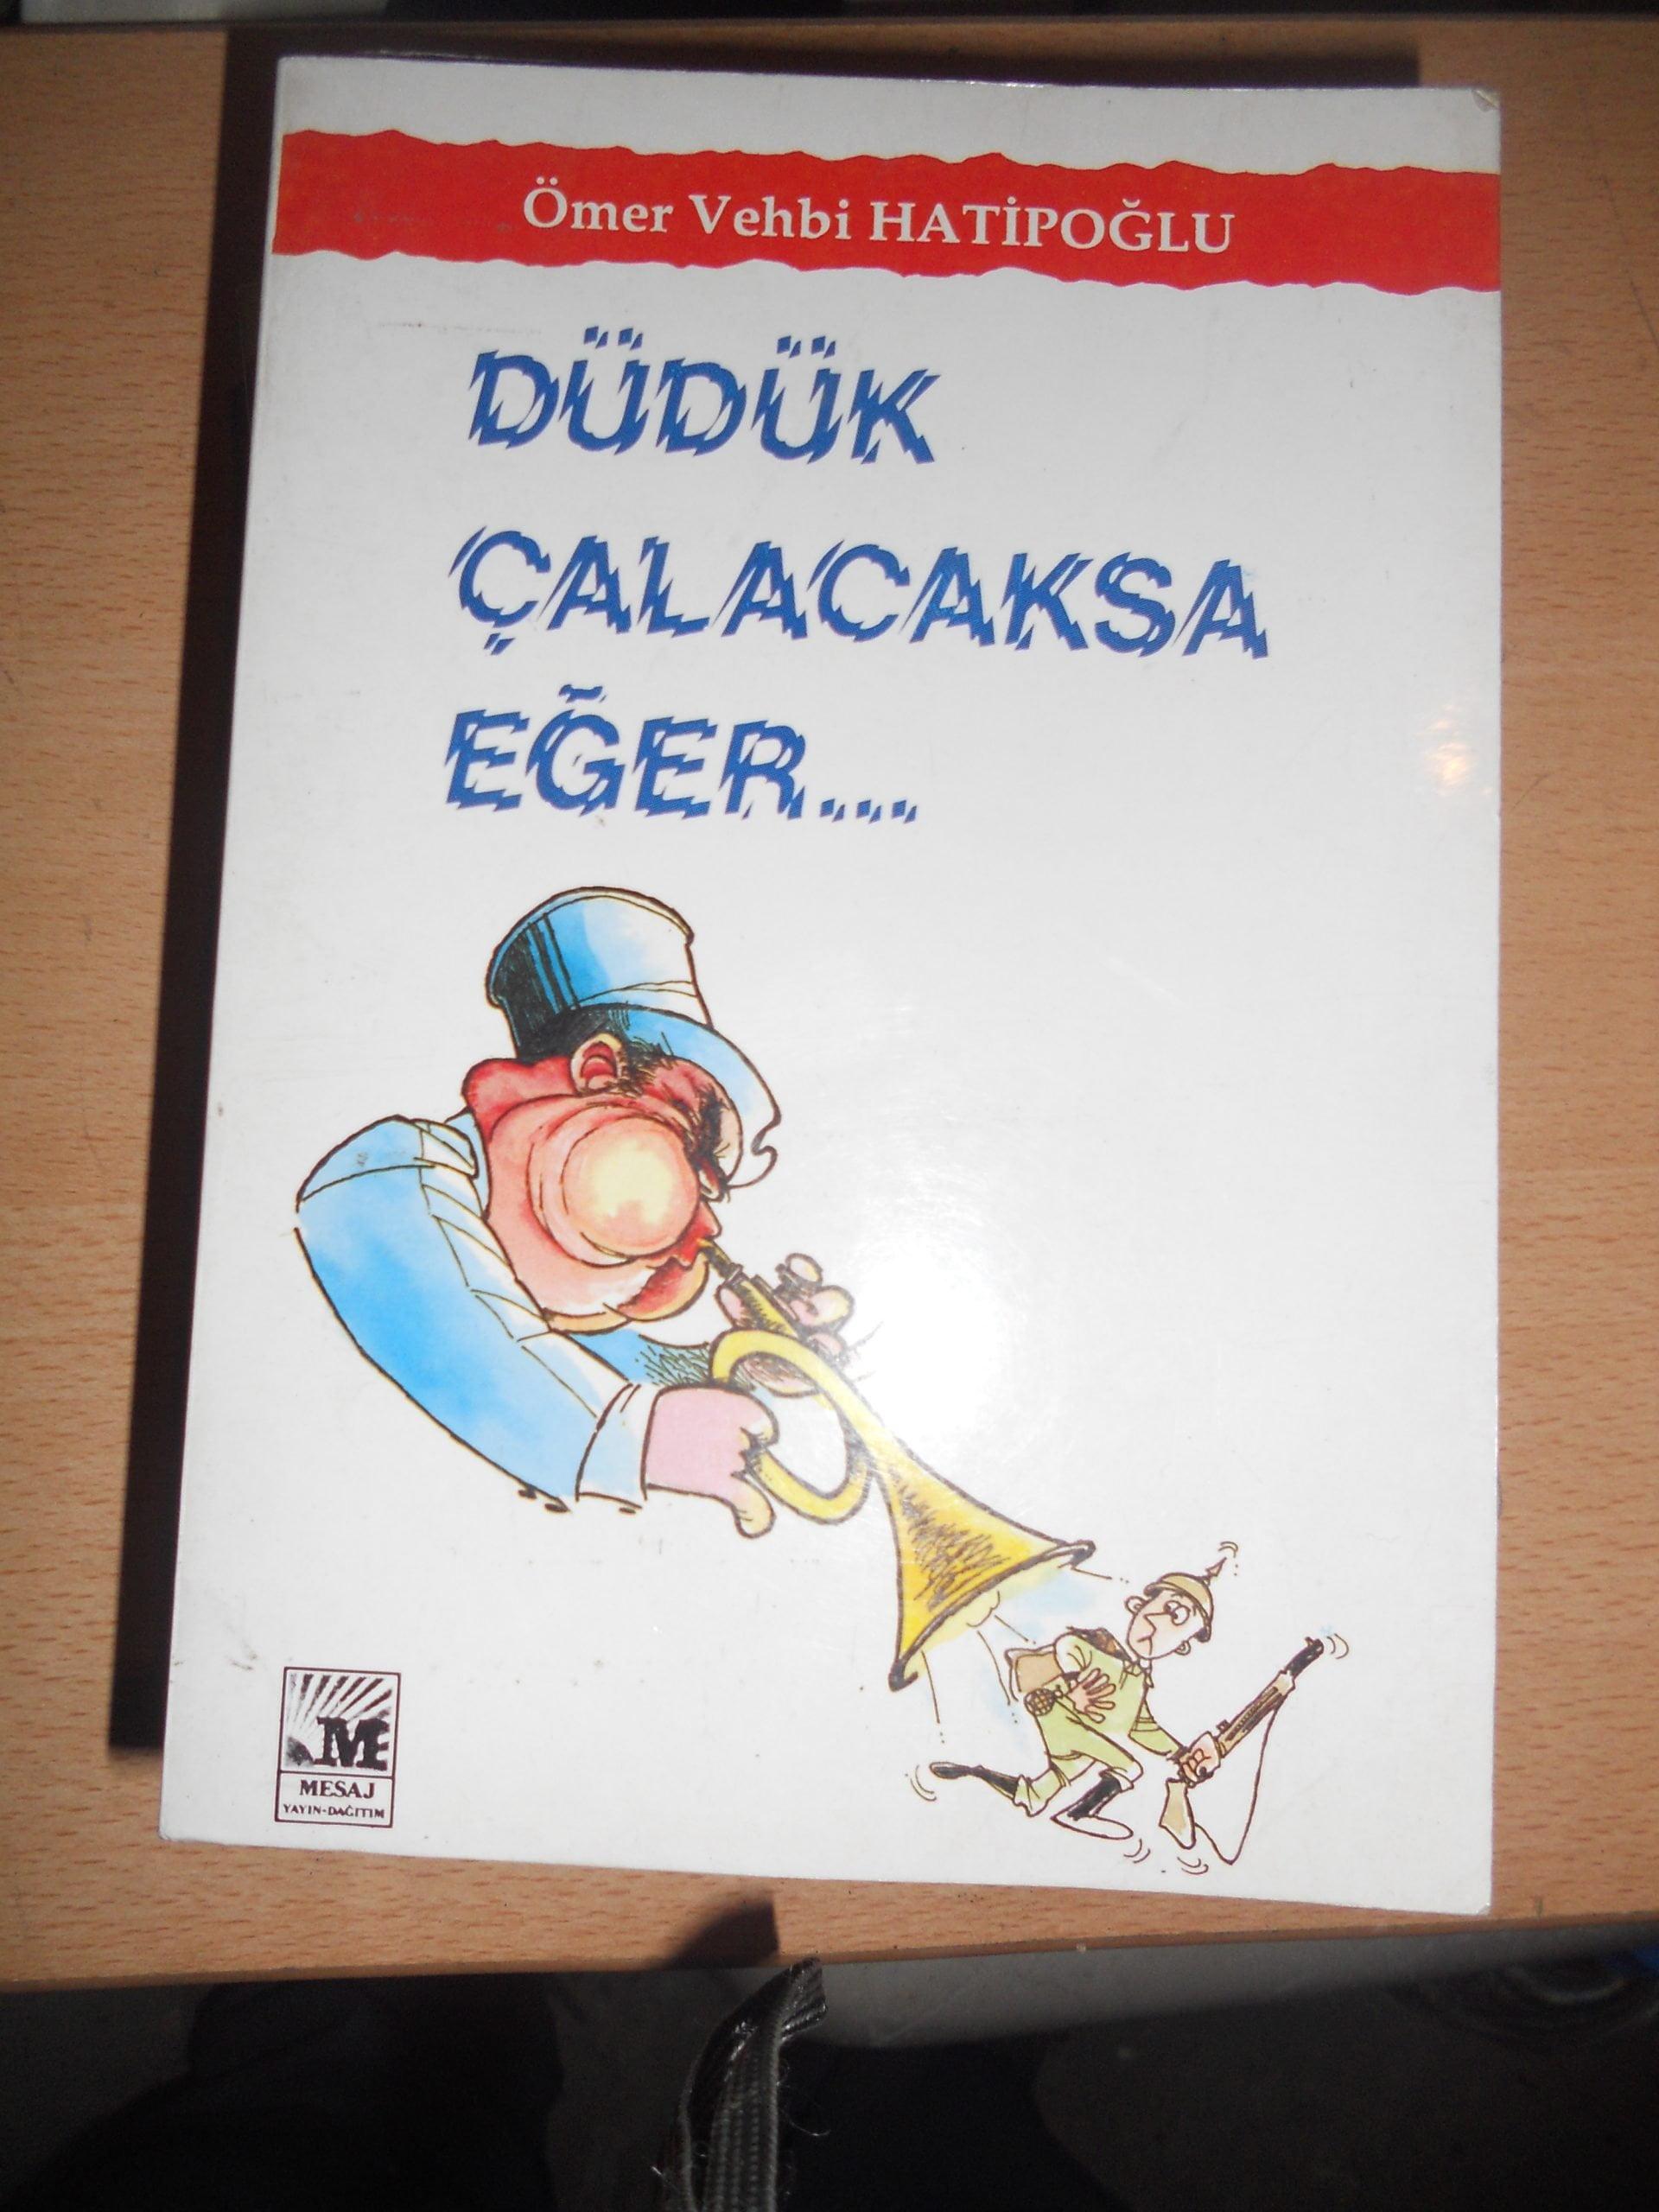 DÜDÜK ÇALACAKSA EĞER/Ömer Vehbi Hatipoğlu/ 10 tl